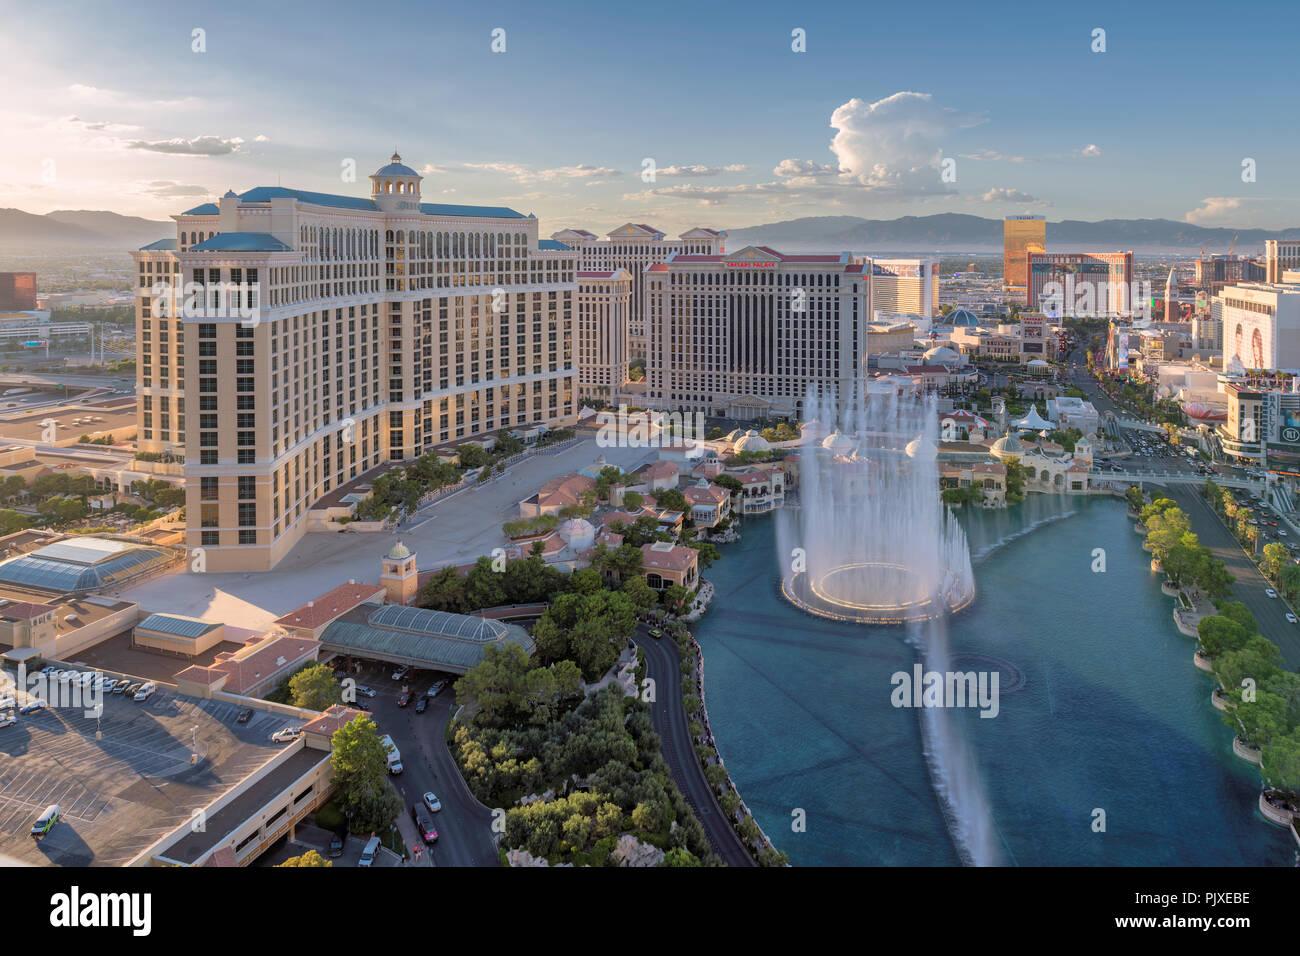 Vista aérea de la Strip de Las Vegas, en Nevada, EE.UU. al atardecer. Imagen De Stock